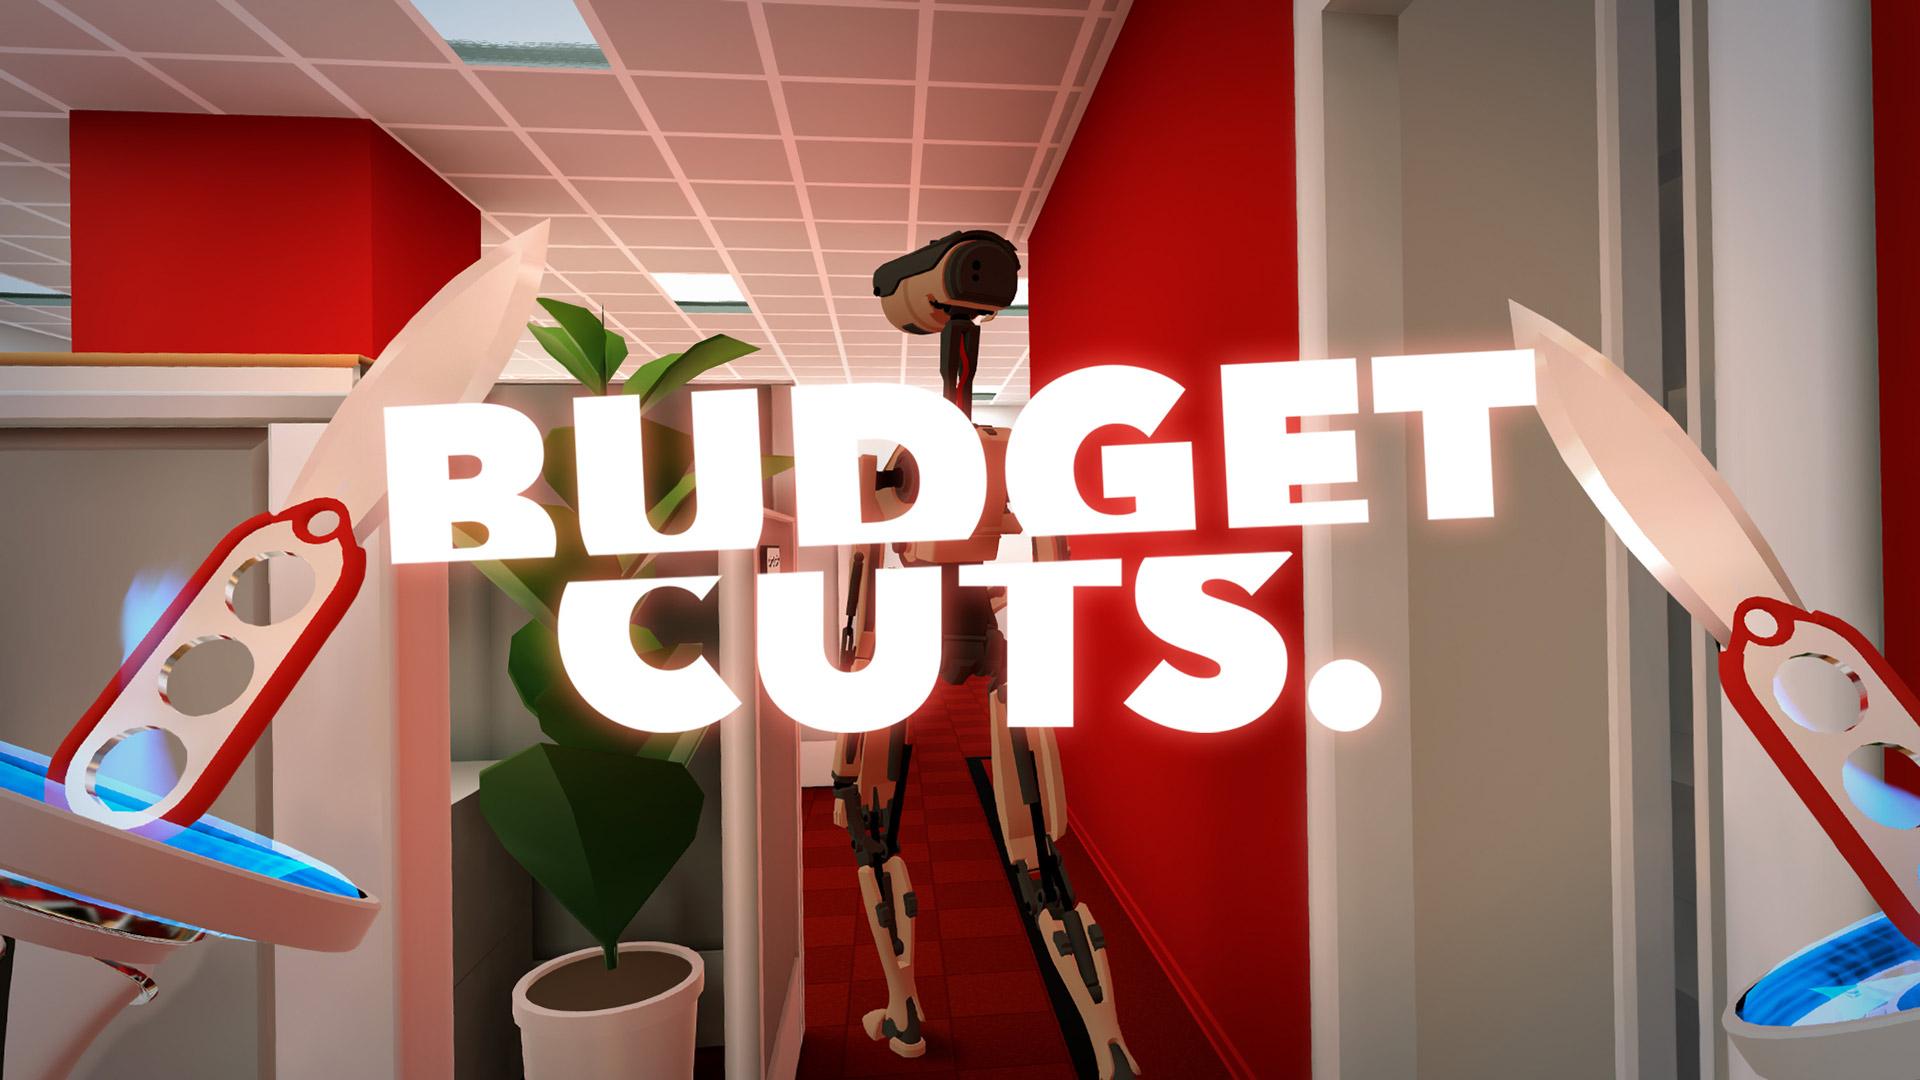 budget cuts logo wallpaper 67747